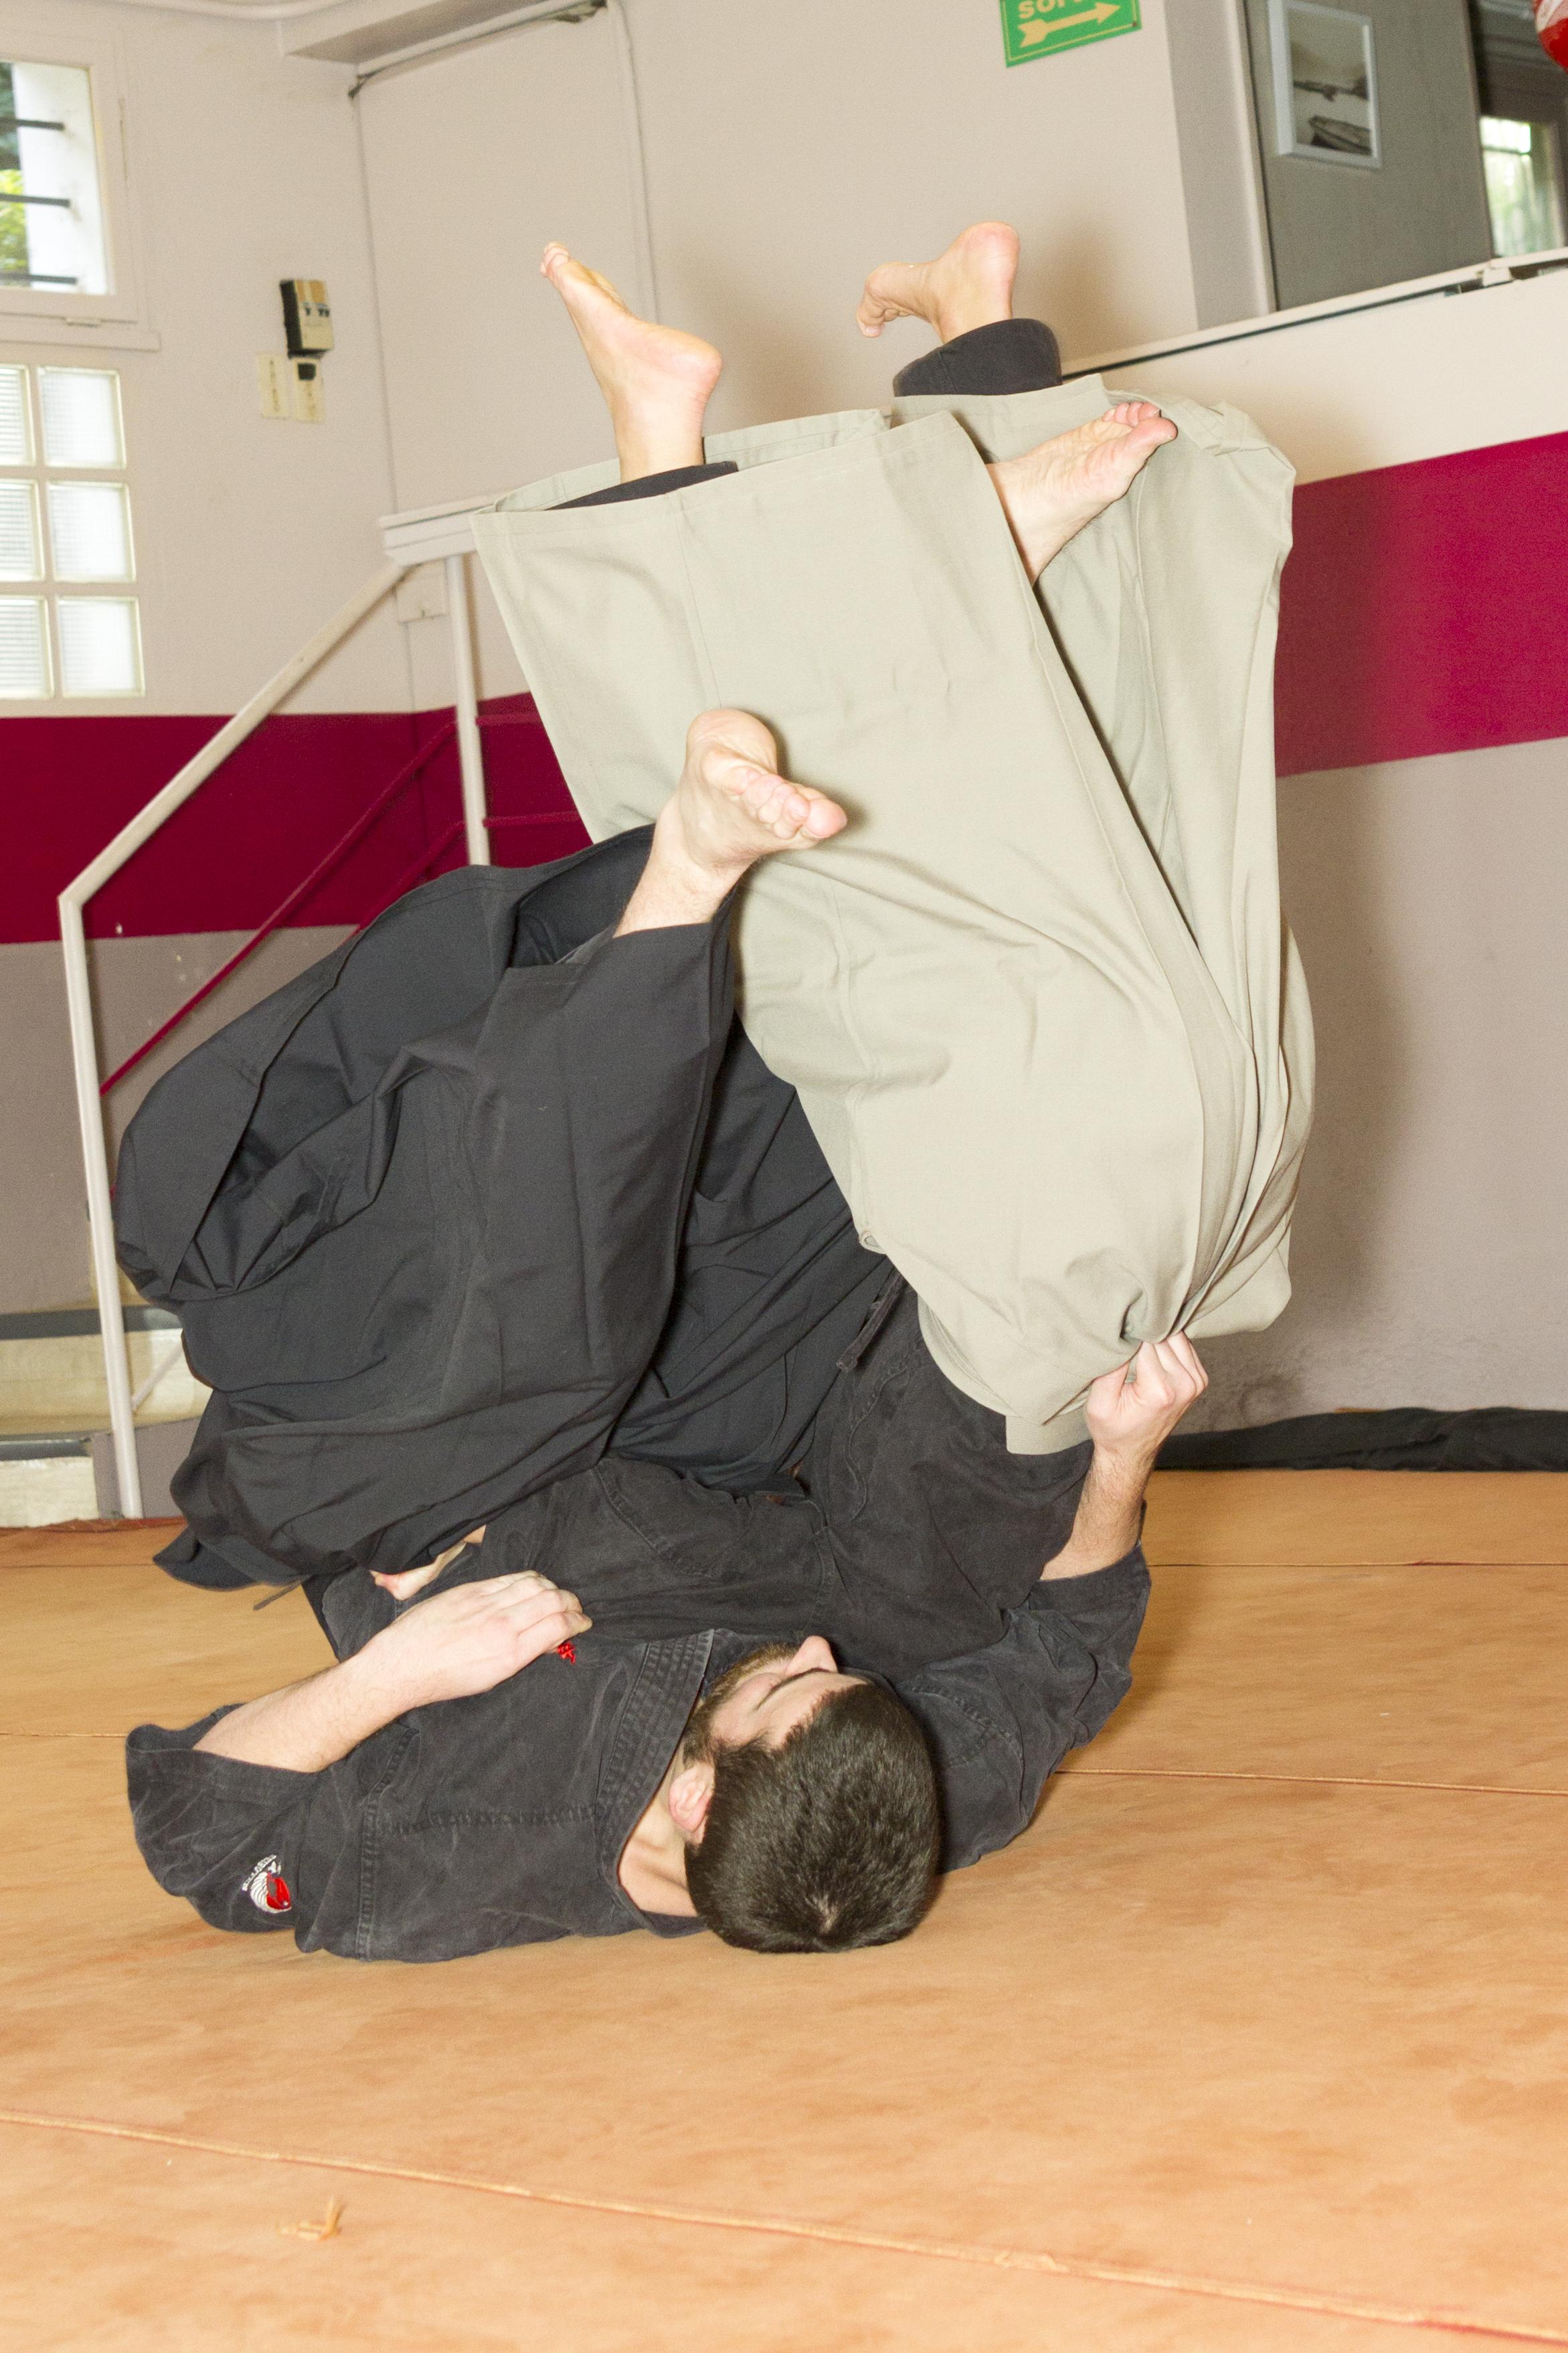 Mushin Ryu Ju Jutsu - Sumi gaeshi